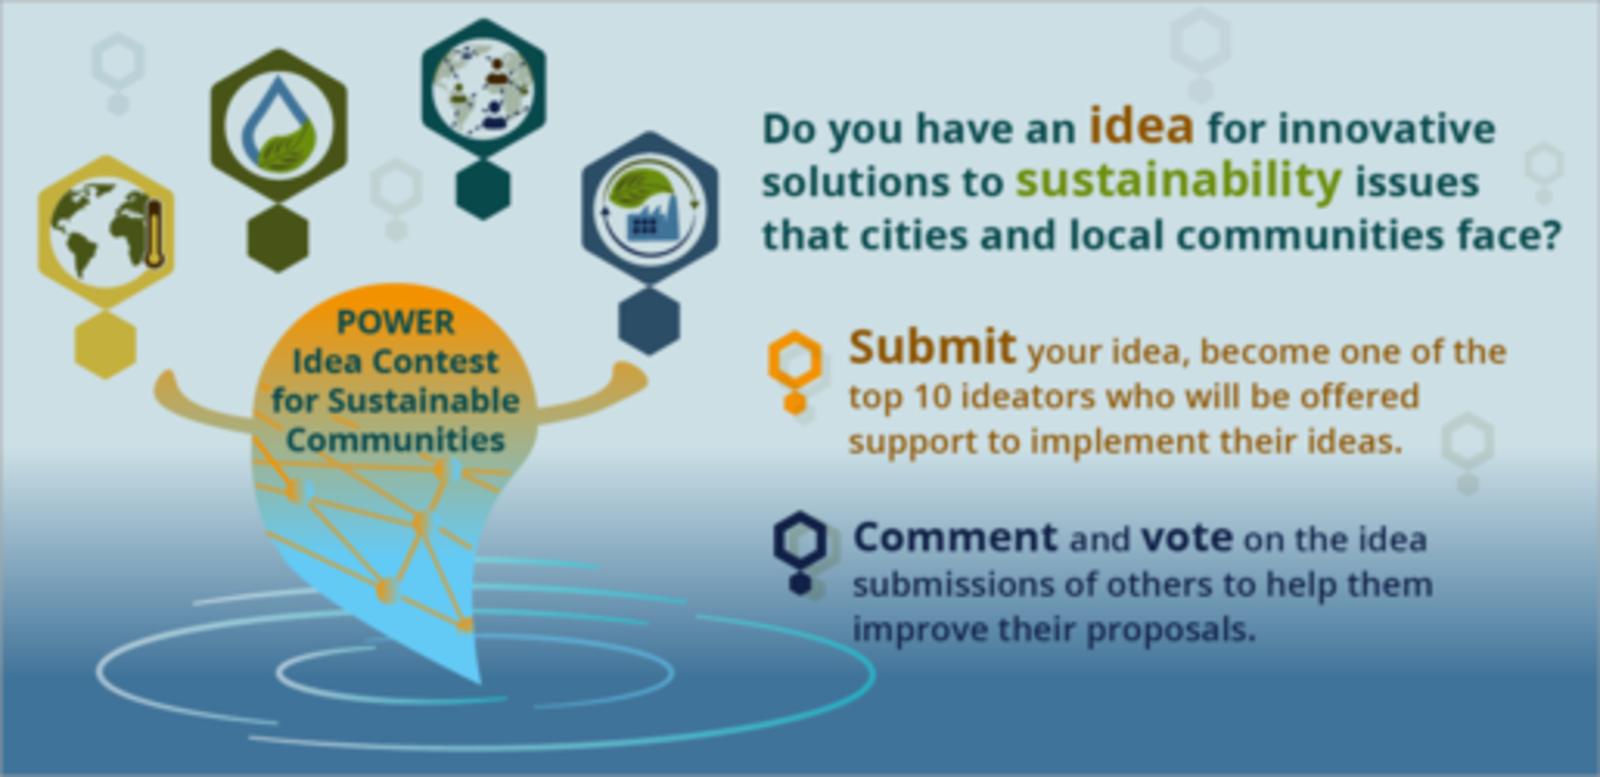 Aprèn sobre el Concurs d'Idees POWER per a Comunitats Sostenibles